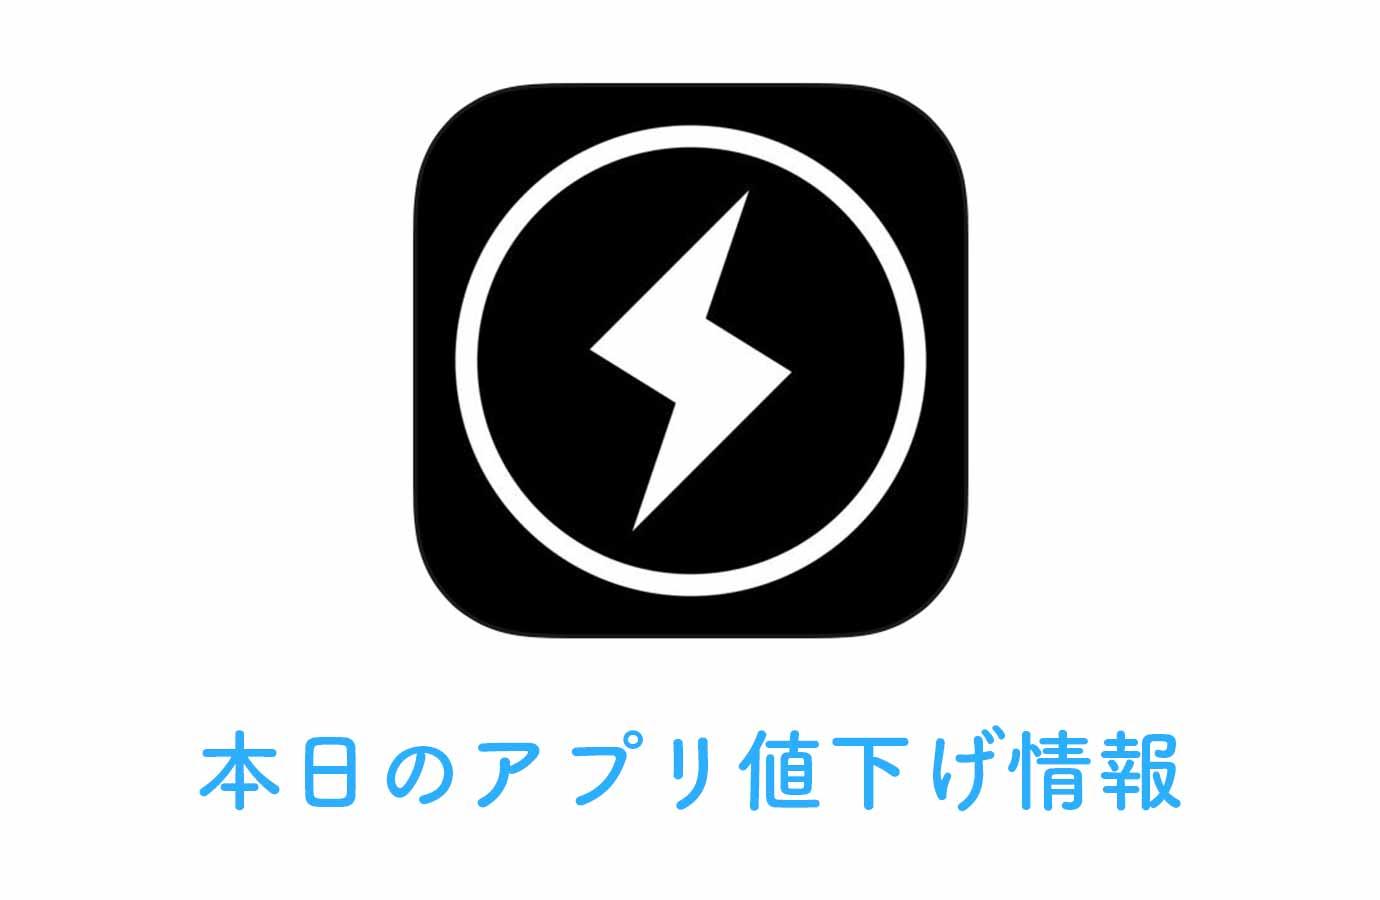 600円→無料!暗い写真も鮮やかに仕上げてくれる写真加工アプリ「Instaflash Pro」など【7/5版】アプリ値下げ情報